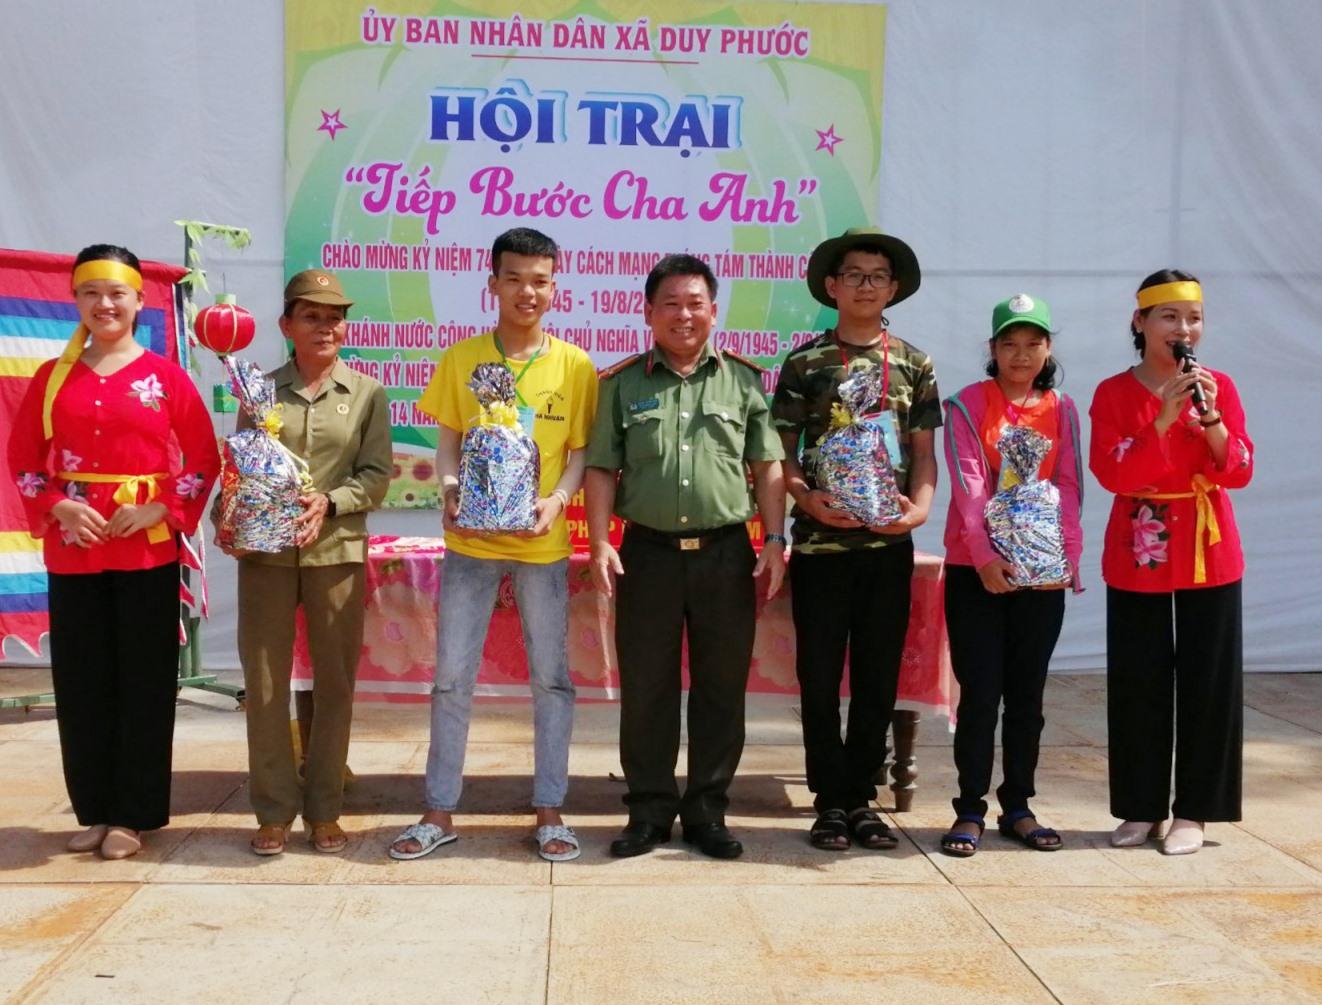 Ngày hội toàn dân bảo vệ ANTQ năm 2019 tại xã Duy Phước, huyện Duy Xuyên. Ảnh: V.KIM